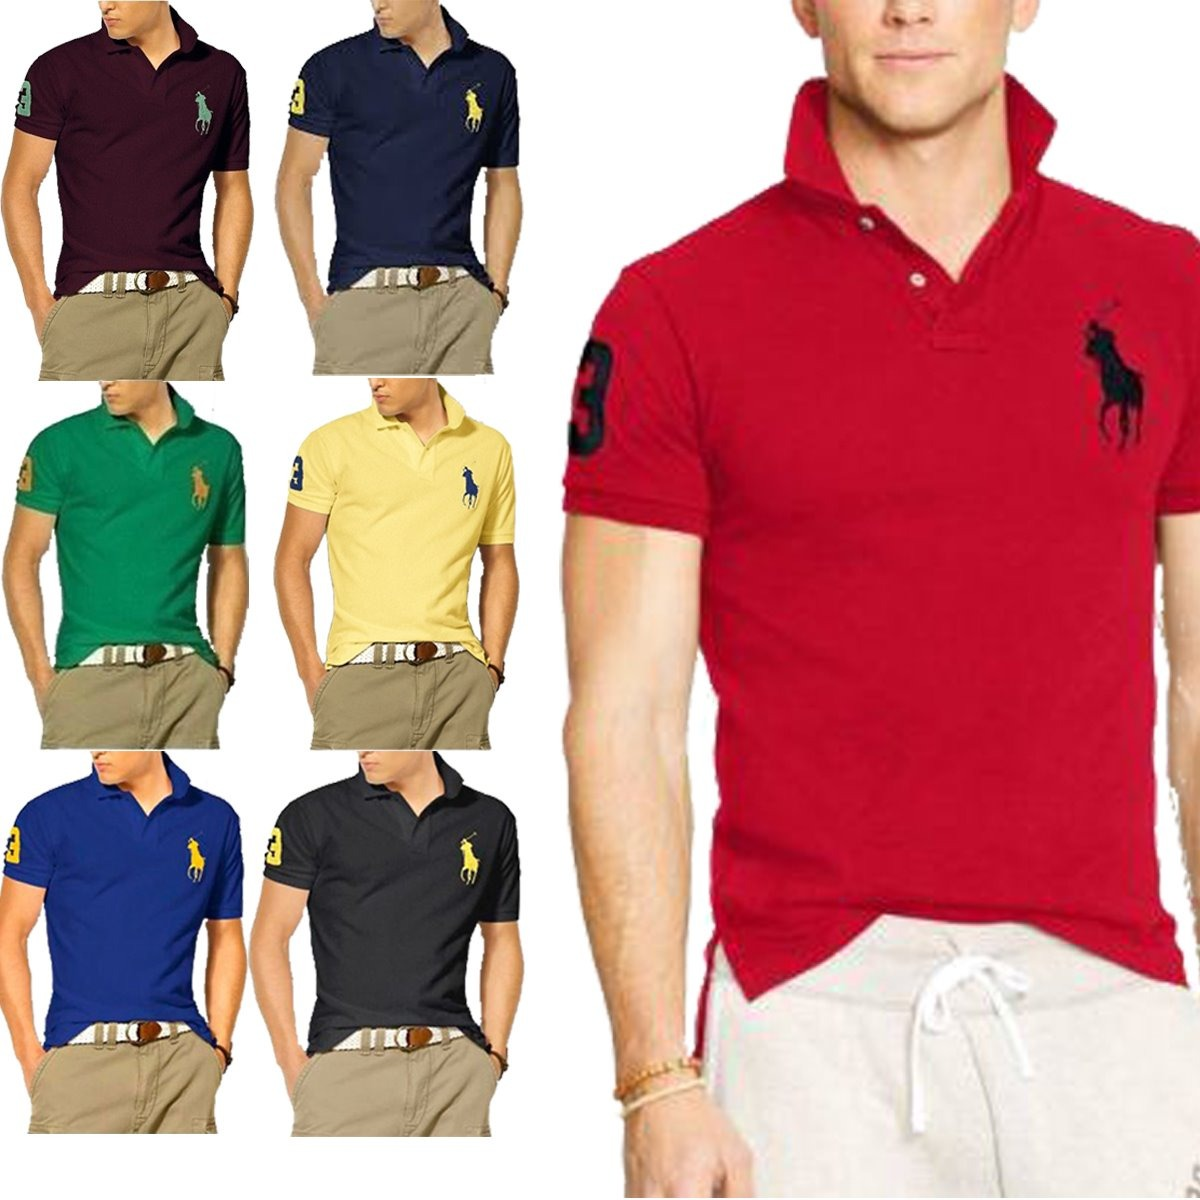 9e40d369266a1 Kit C 10 Camisas Camisetas Atacado Gola Polo Masculina Marca - R ...